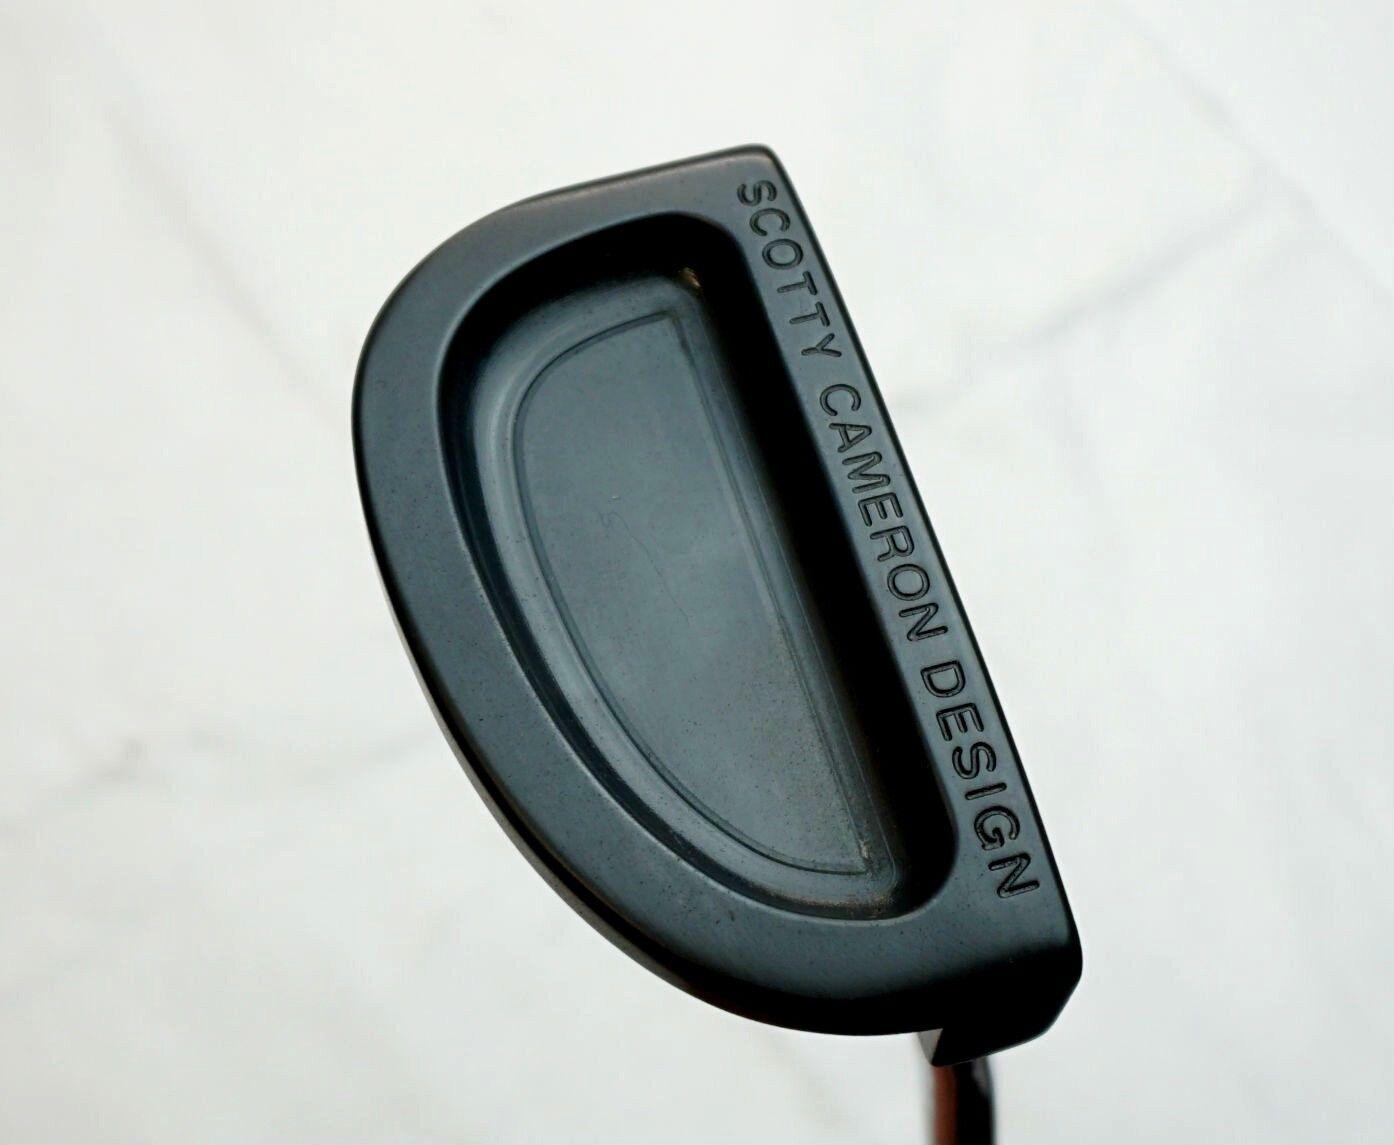 Óxido negro Scotty Cameron Circa 62 No.5 Putter (no anunciar  til Grip Cambio)  ahorra 50% -75% de descuento